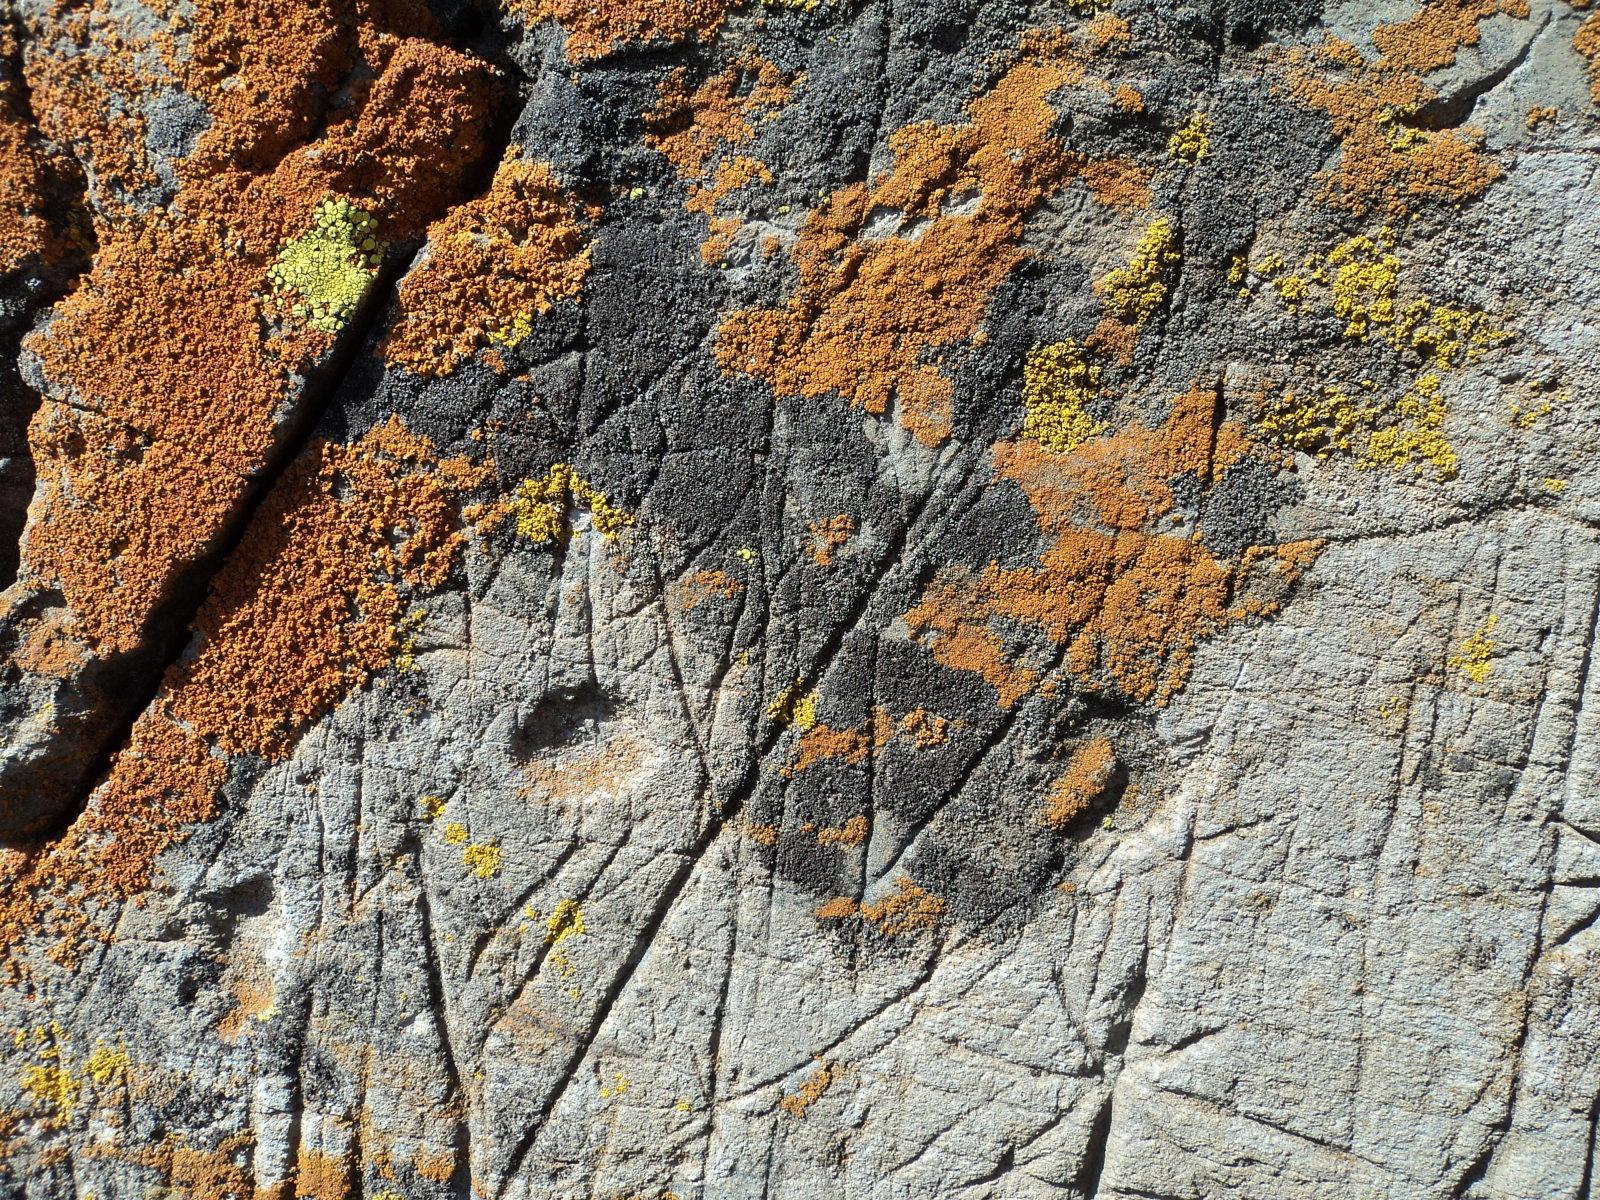 ayuda  para estas marcas en una piedra S3naqr